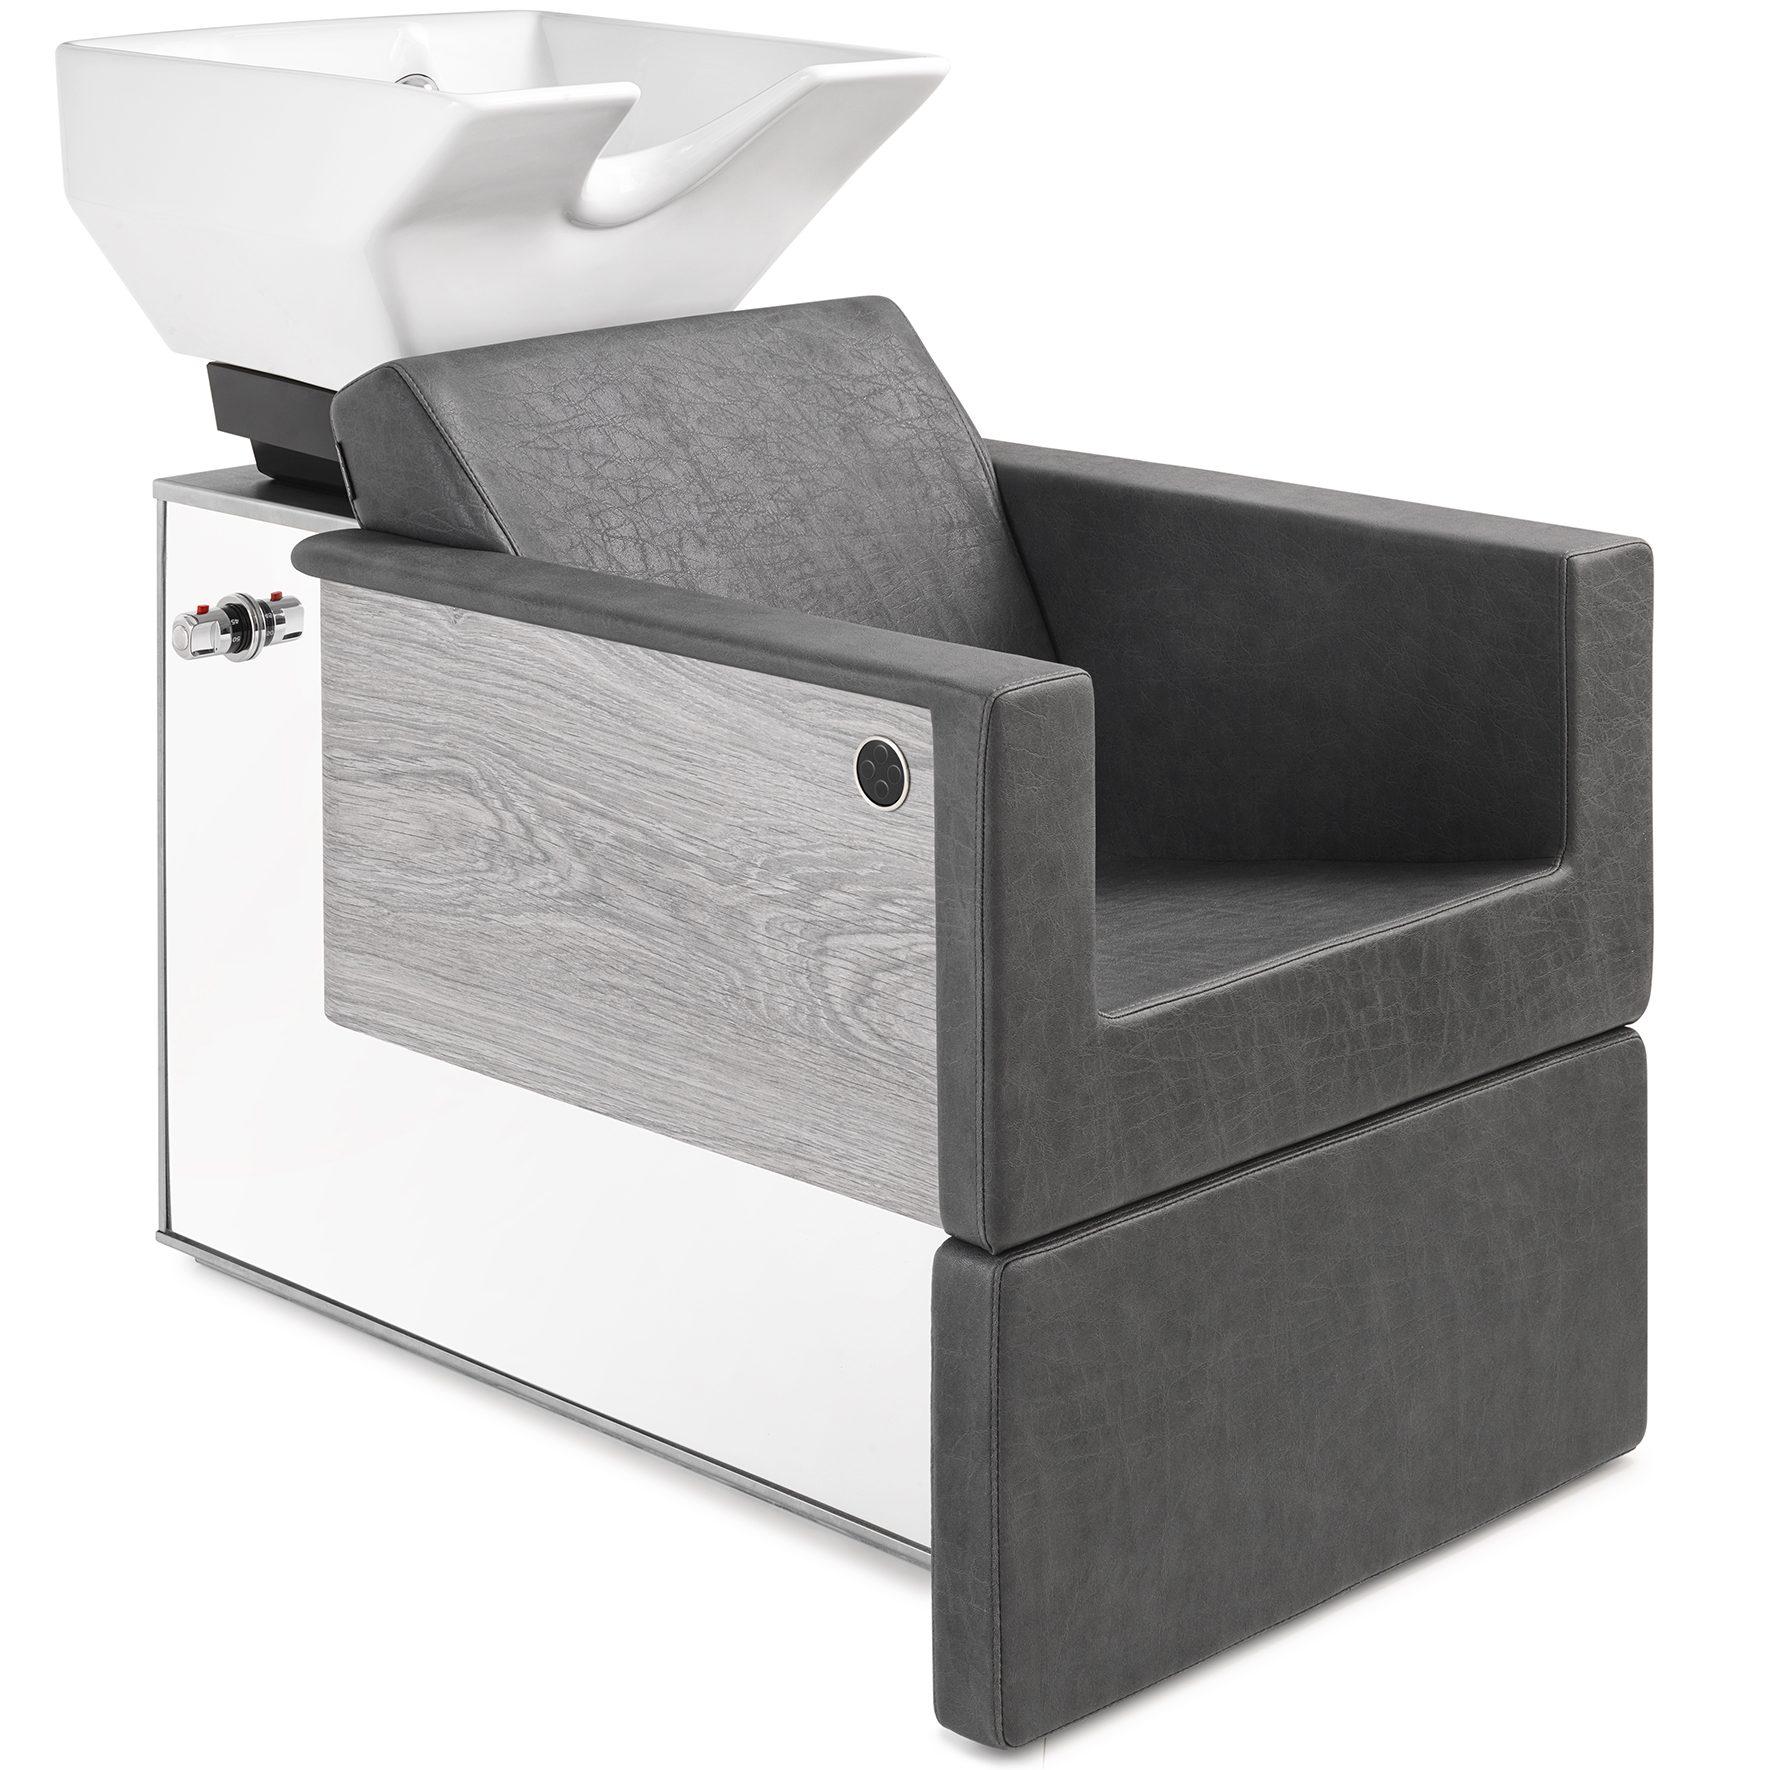 Kapperswasbak met stoel